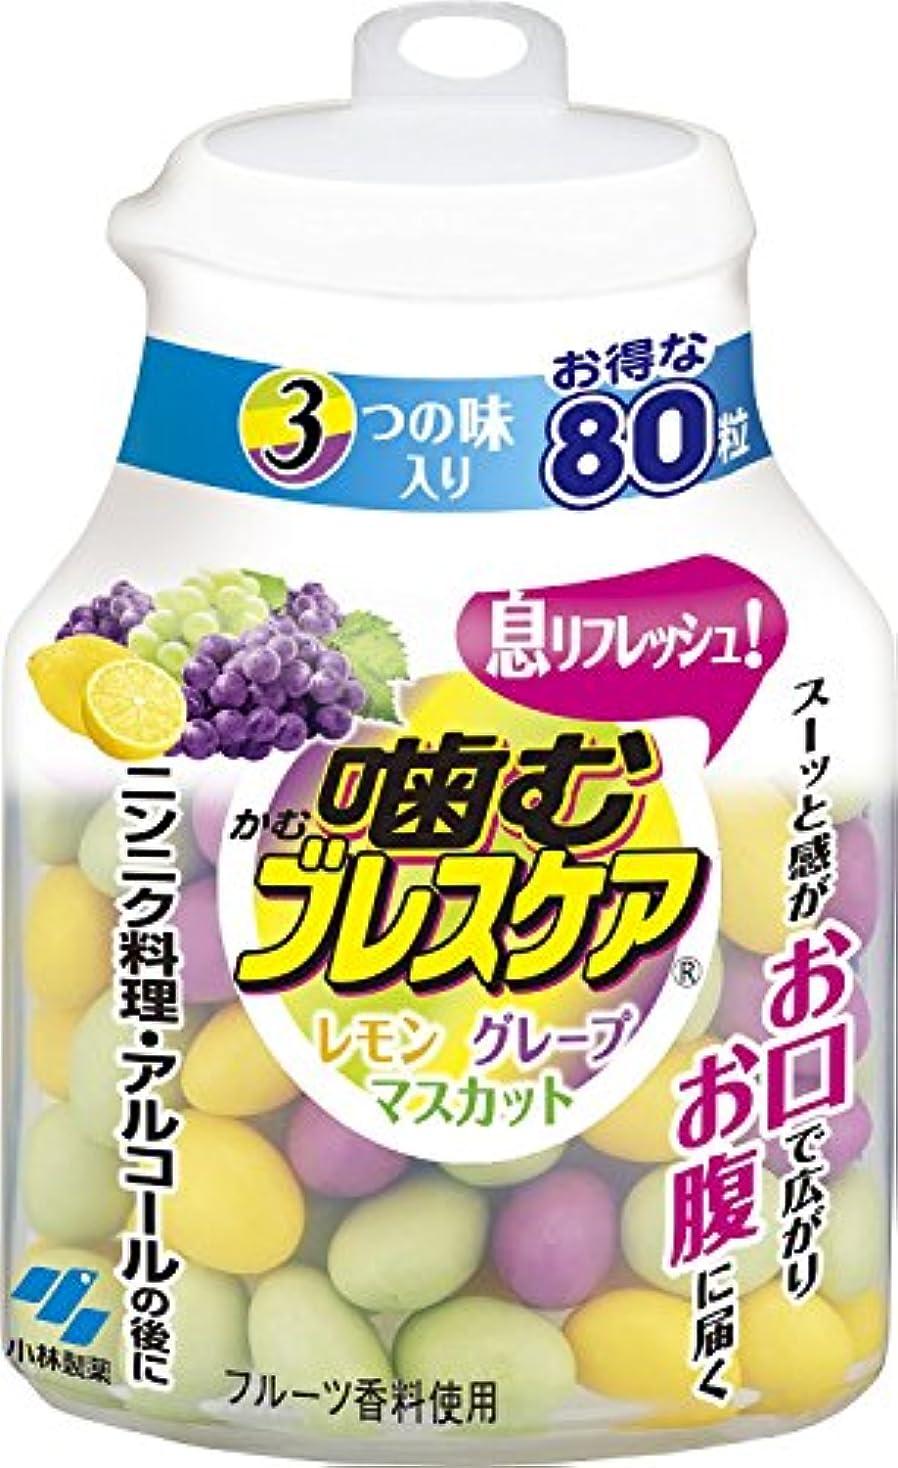 太い科学的好ましい噛むブレスケア 息リフレッシュグミ アソート ボトルタイプ お得な80粒